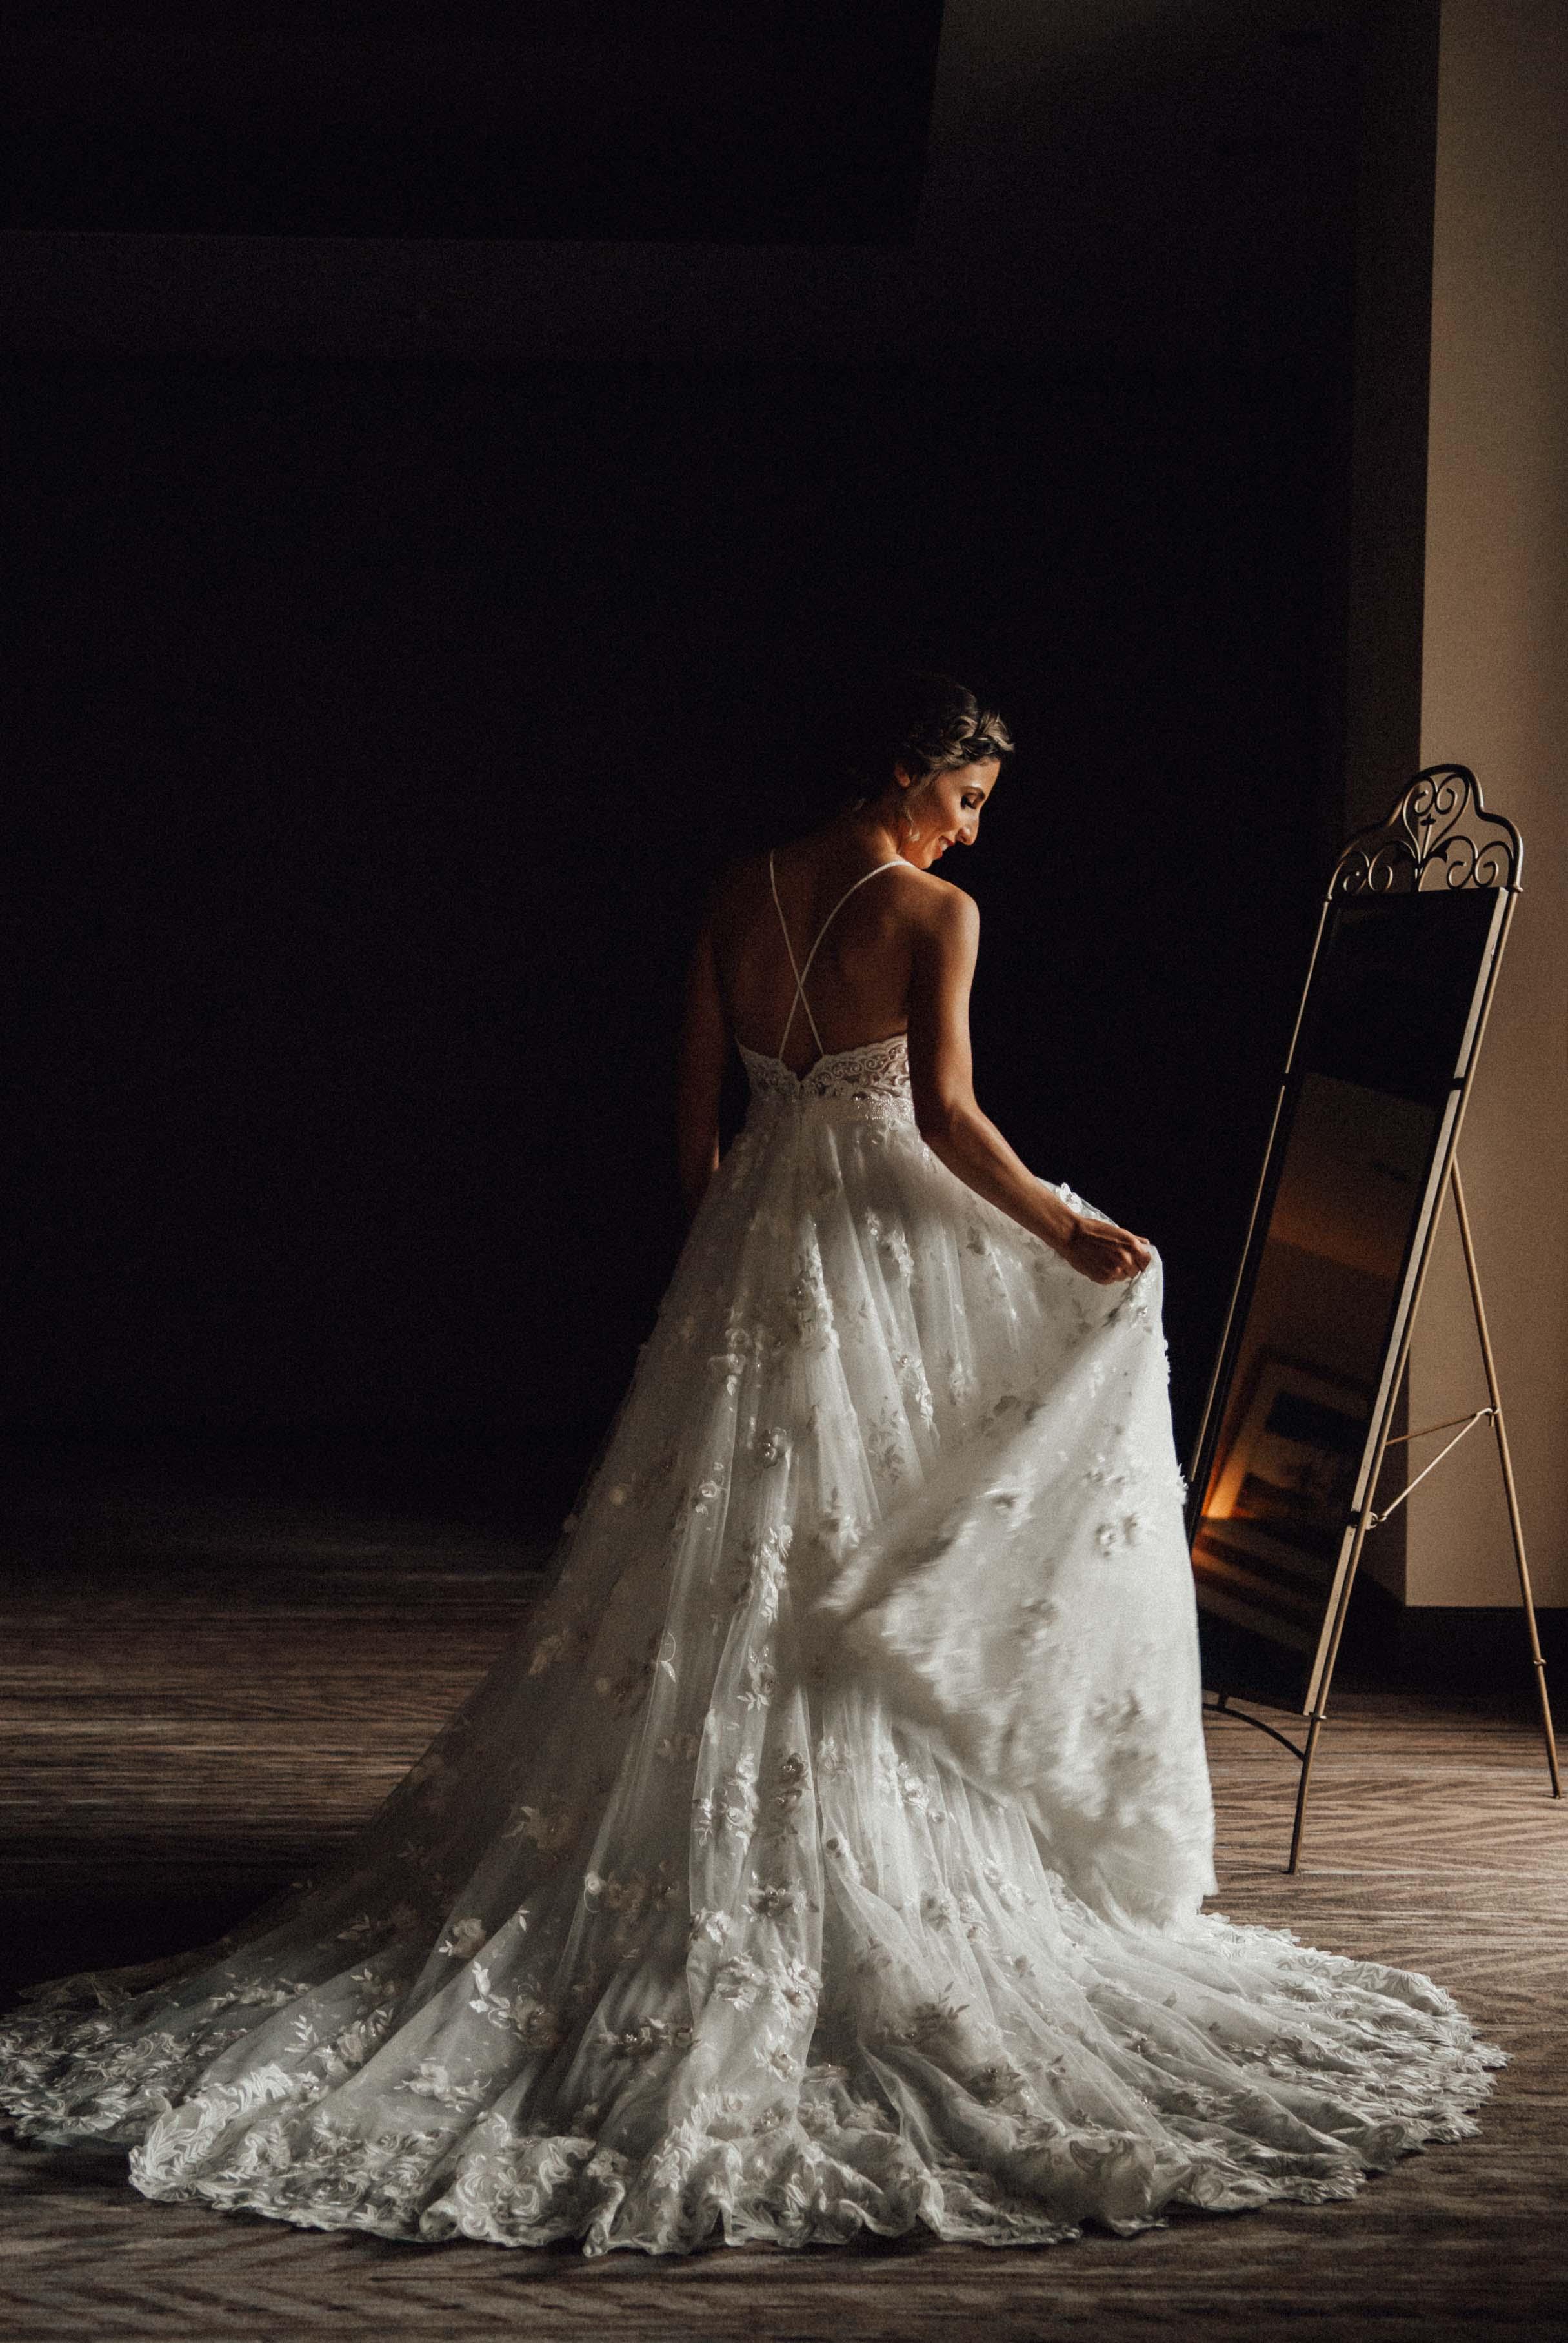 myrtle_beach_south_carolina_wedding_greek_orthodox062.jpg